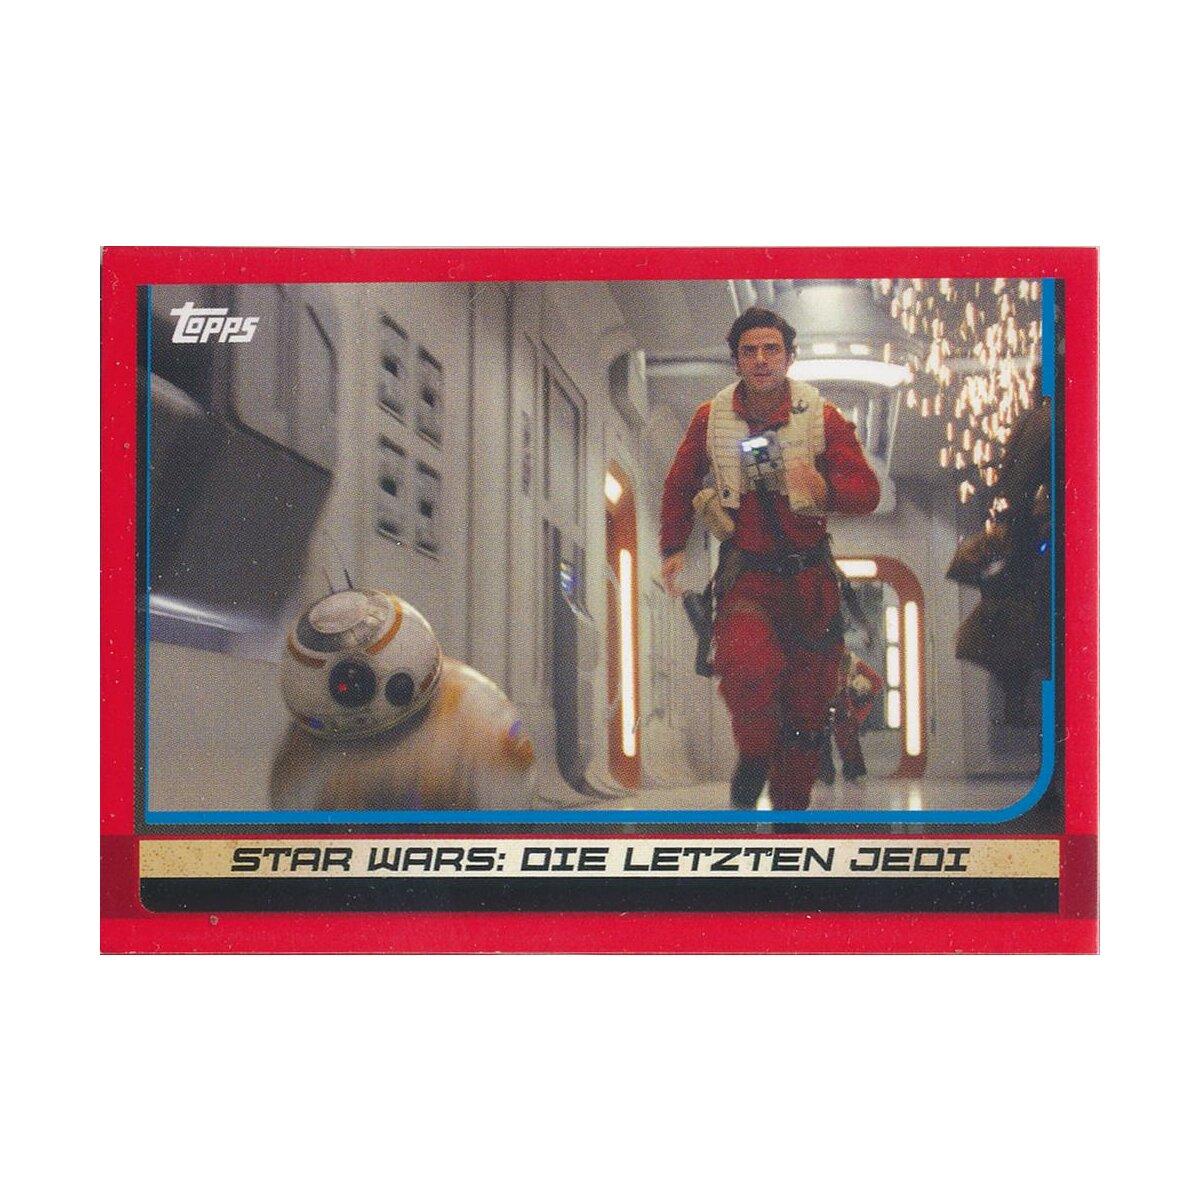 Die Letzten  76 Rose Force Attax Die Reise zu Star Wars